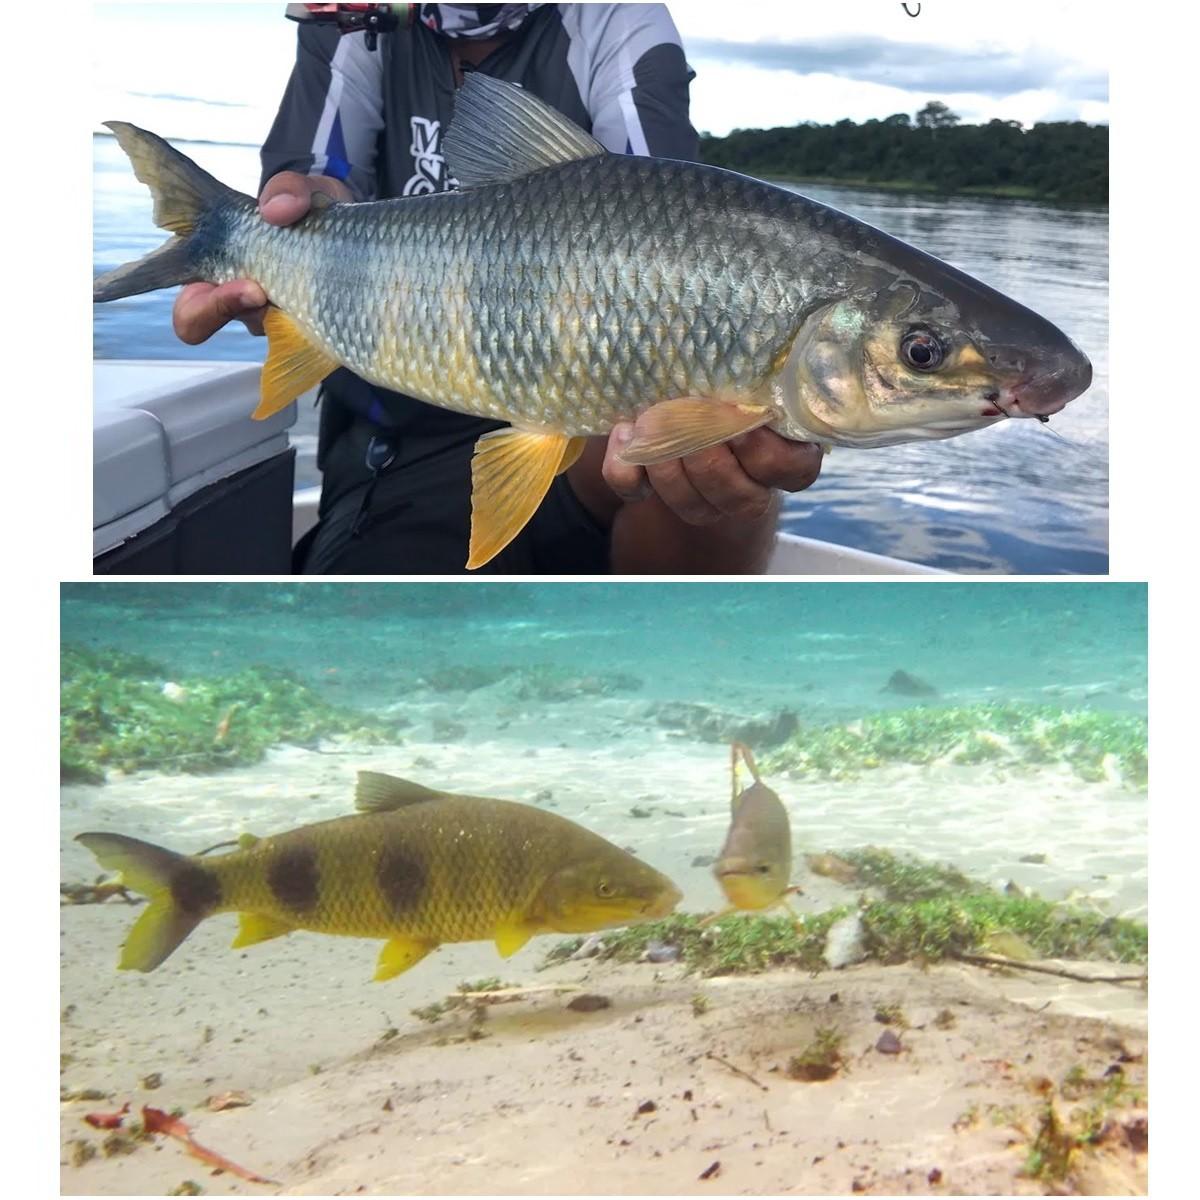 Artigos De Pesca Pescaria Completa 2 Vara 2 Molinete + Itens